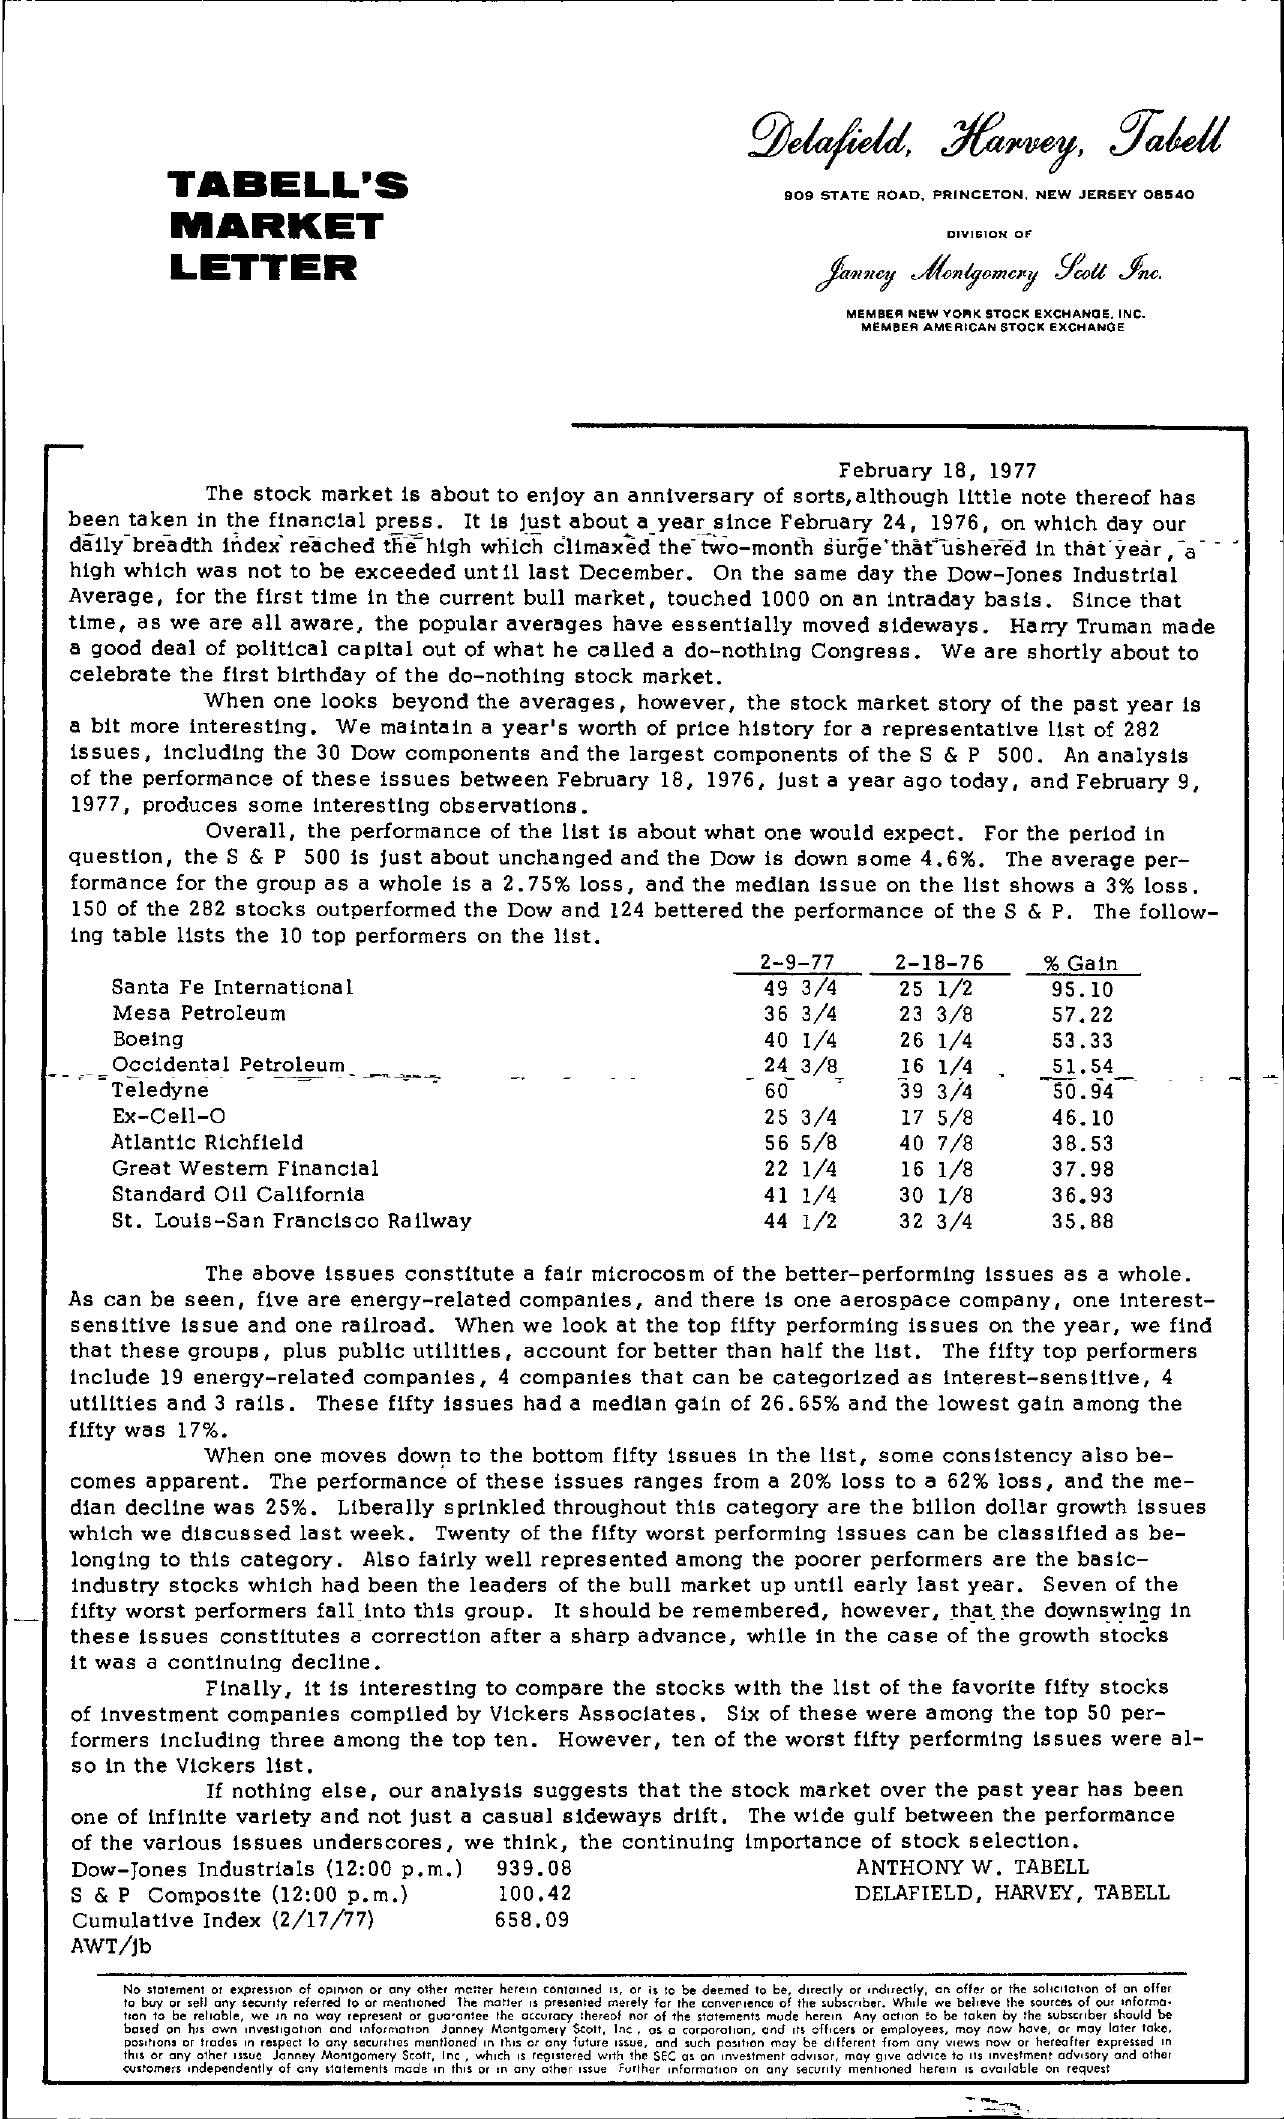 Tabell's Market Letter - February 18, 1977